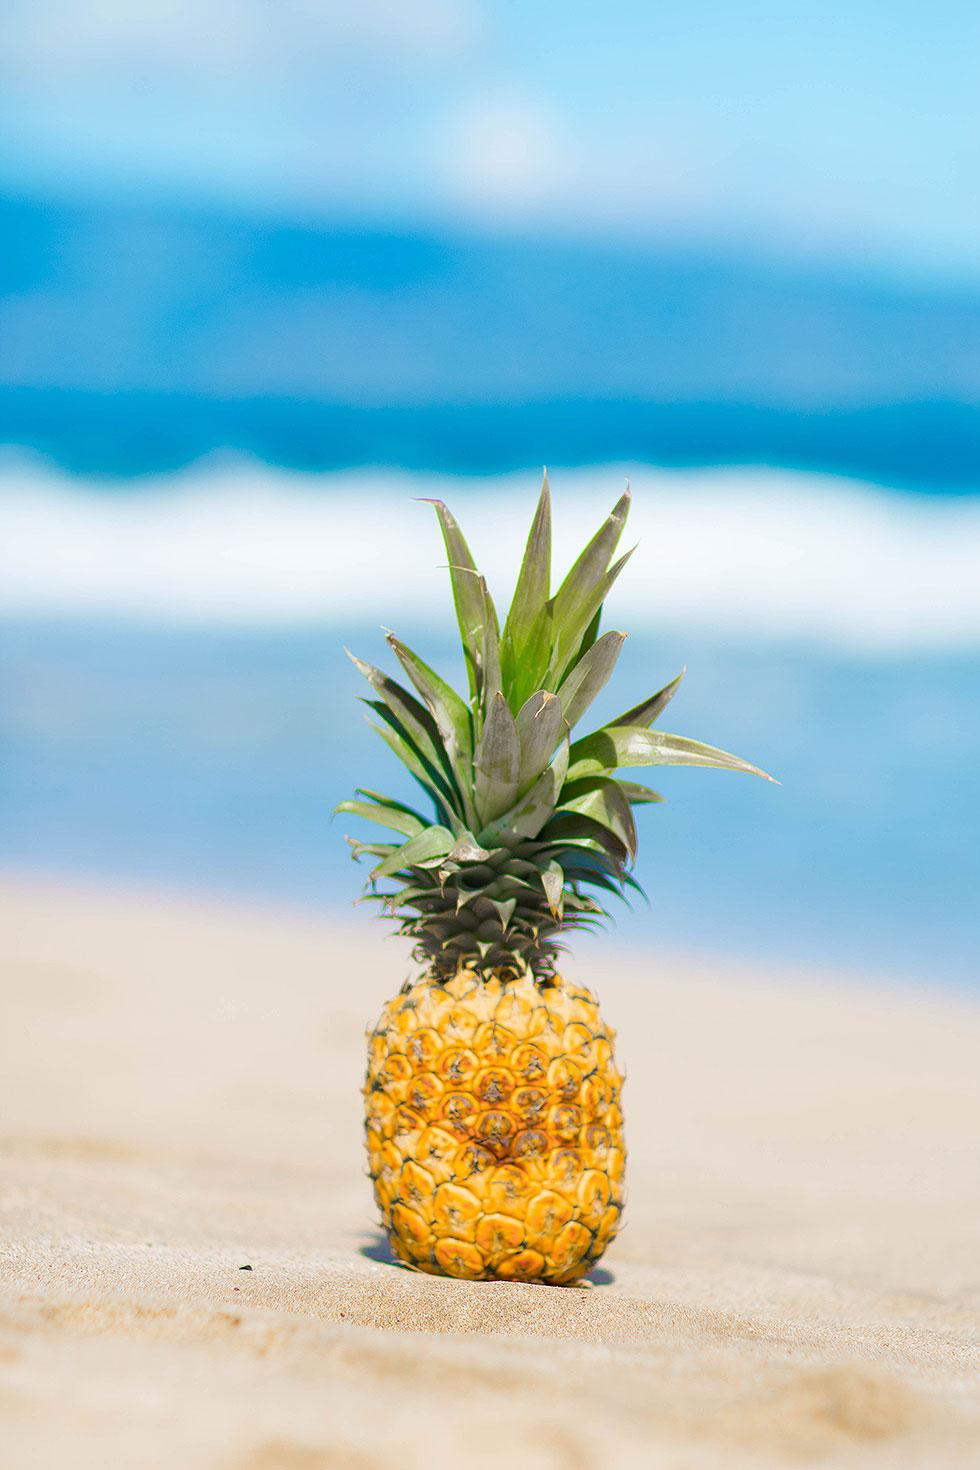 Pineapple on Sandy Beach Lahaina-Maui-Hawaii-Travel-Photos-1